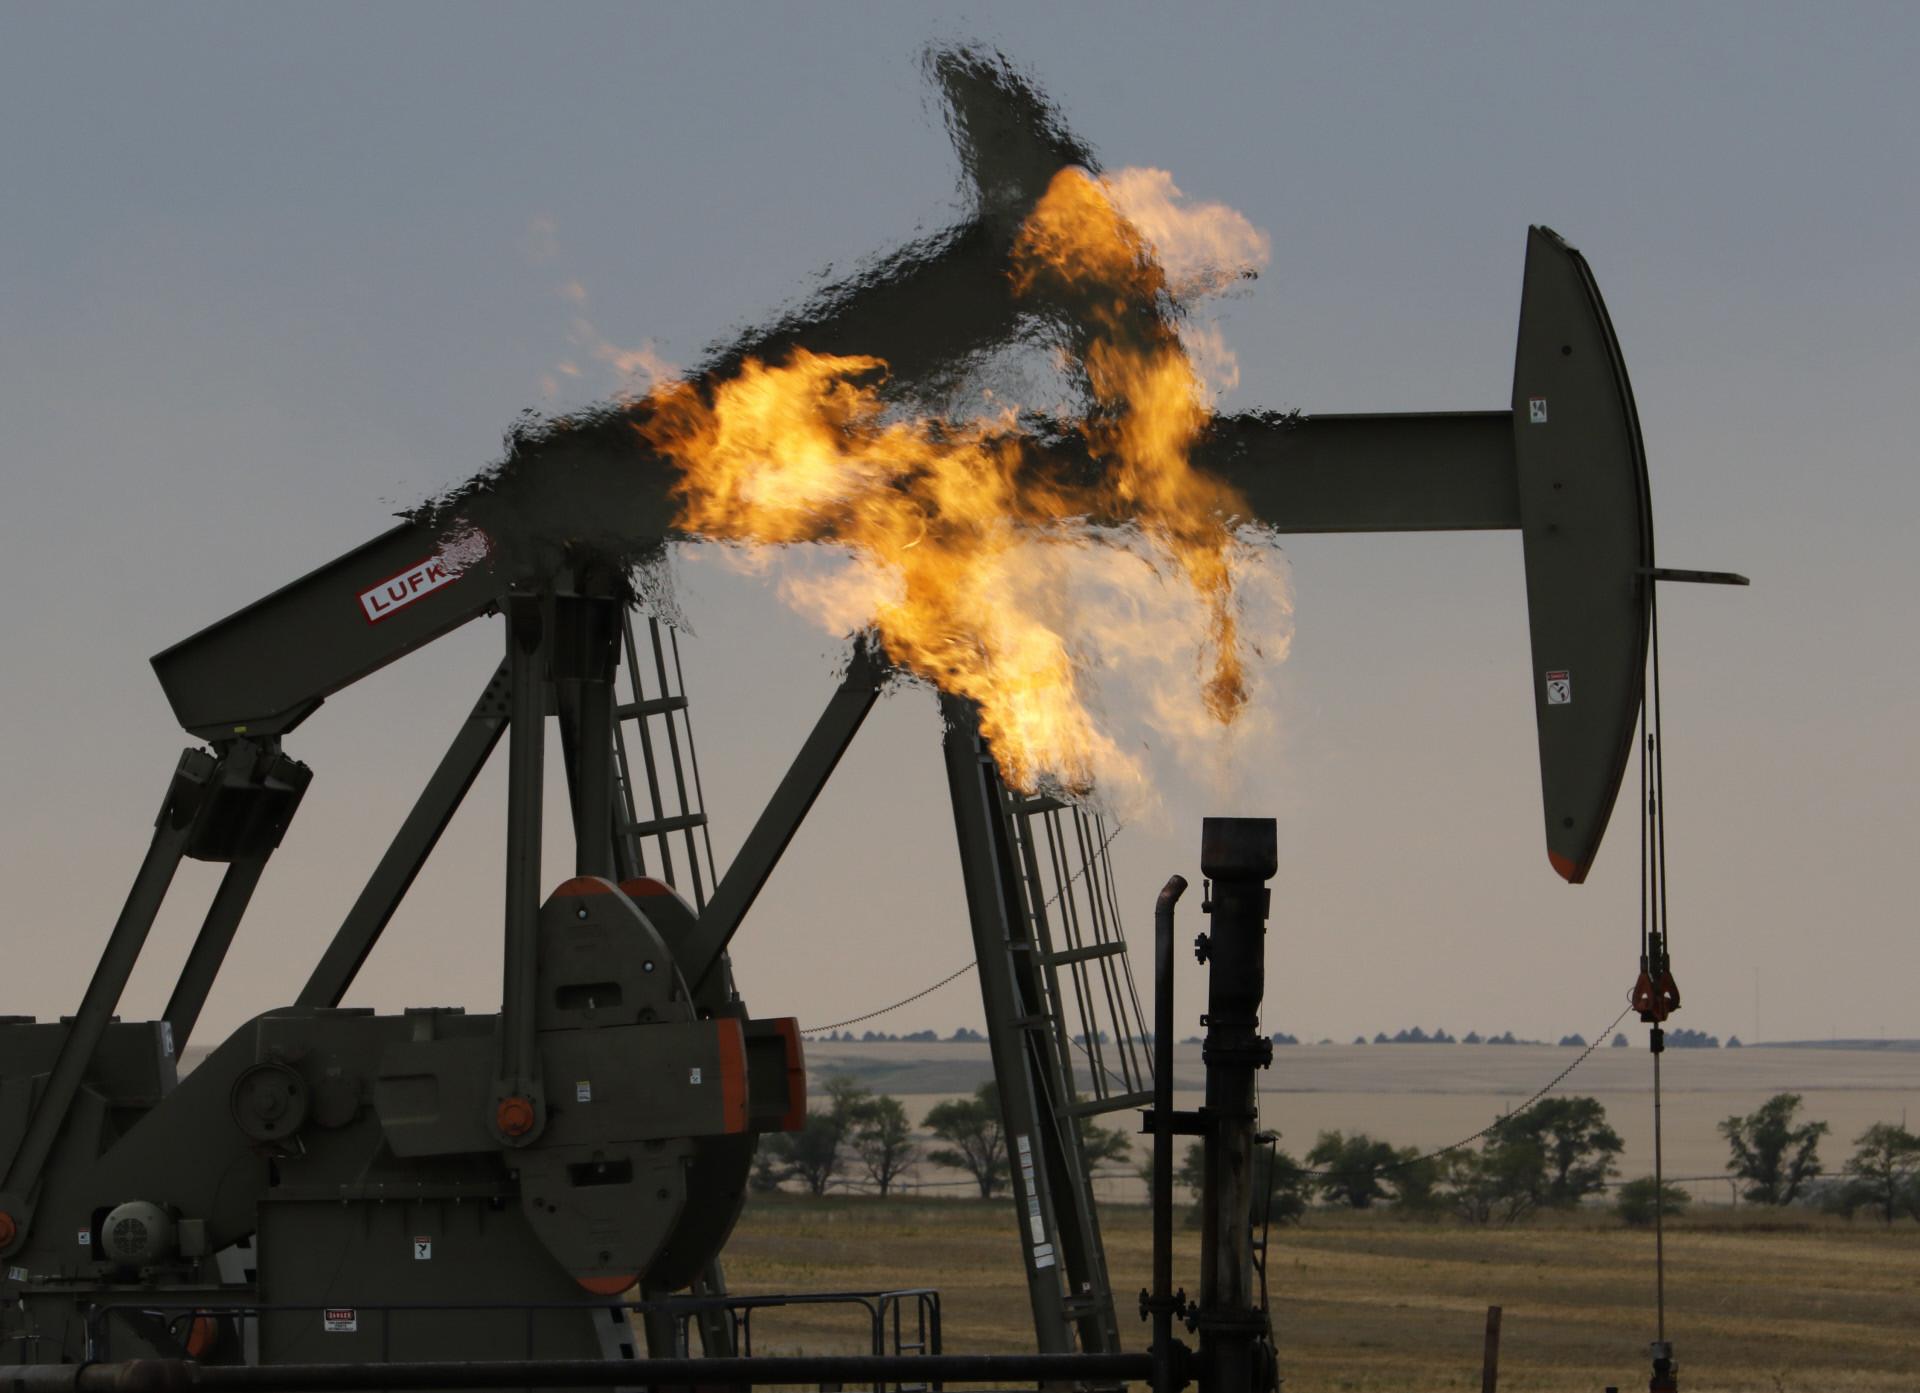 El mercado avisa: el petróleo seguirá sufriendo altibajos y podría volver a  precios negativos — idealista/news